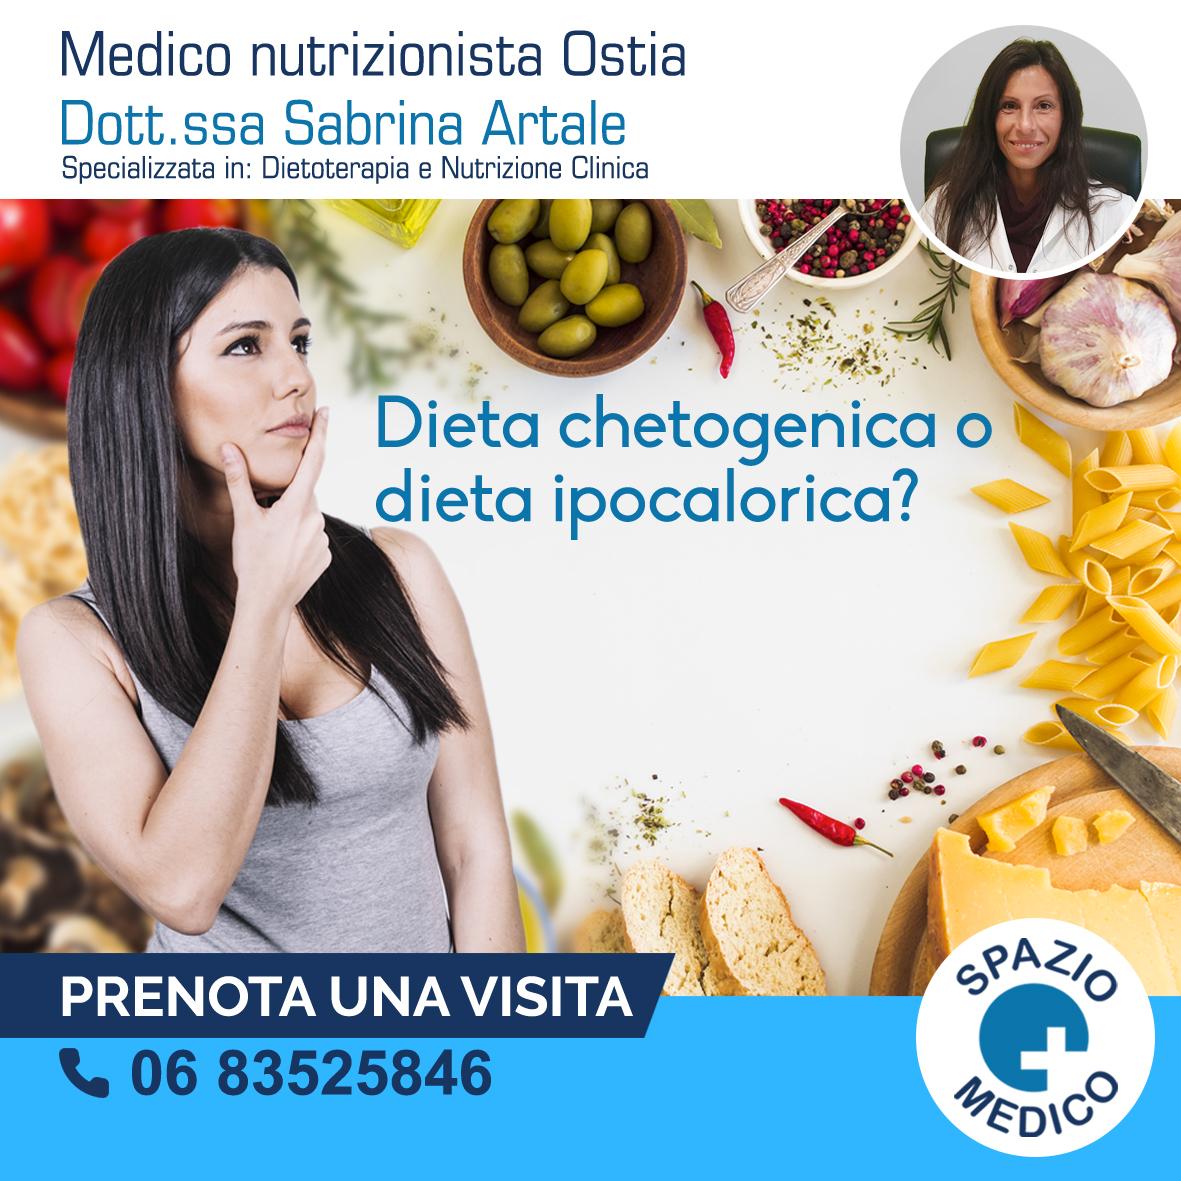 Medico Nutrizionista Ostia